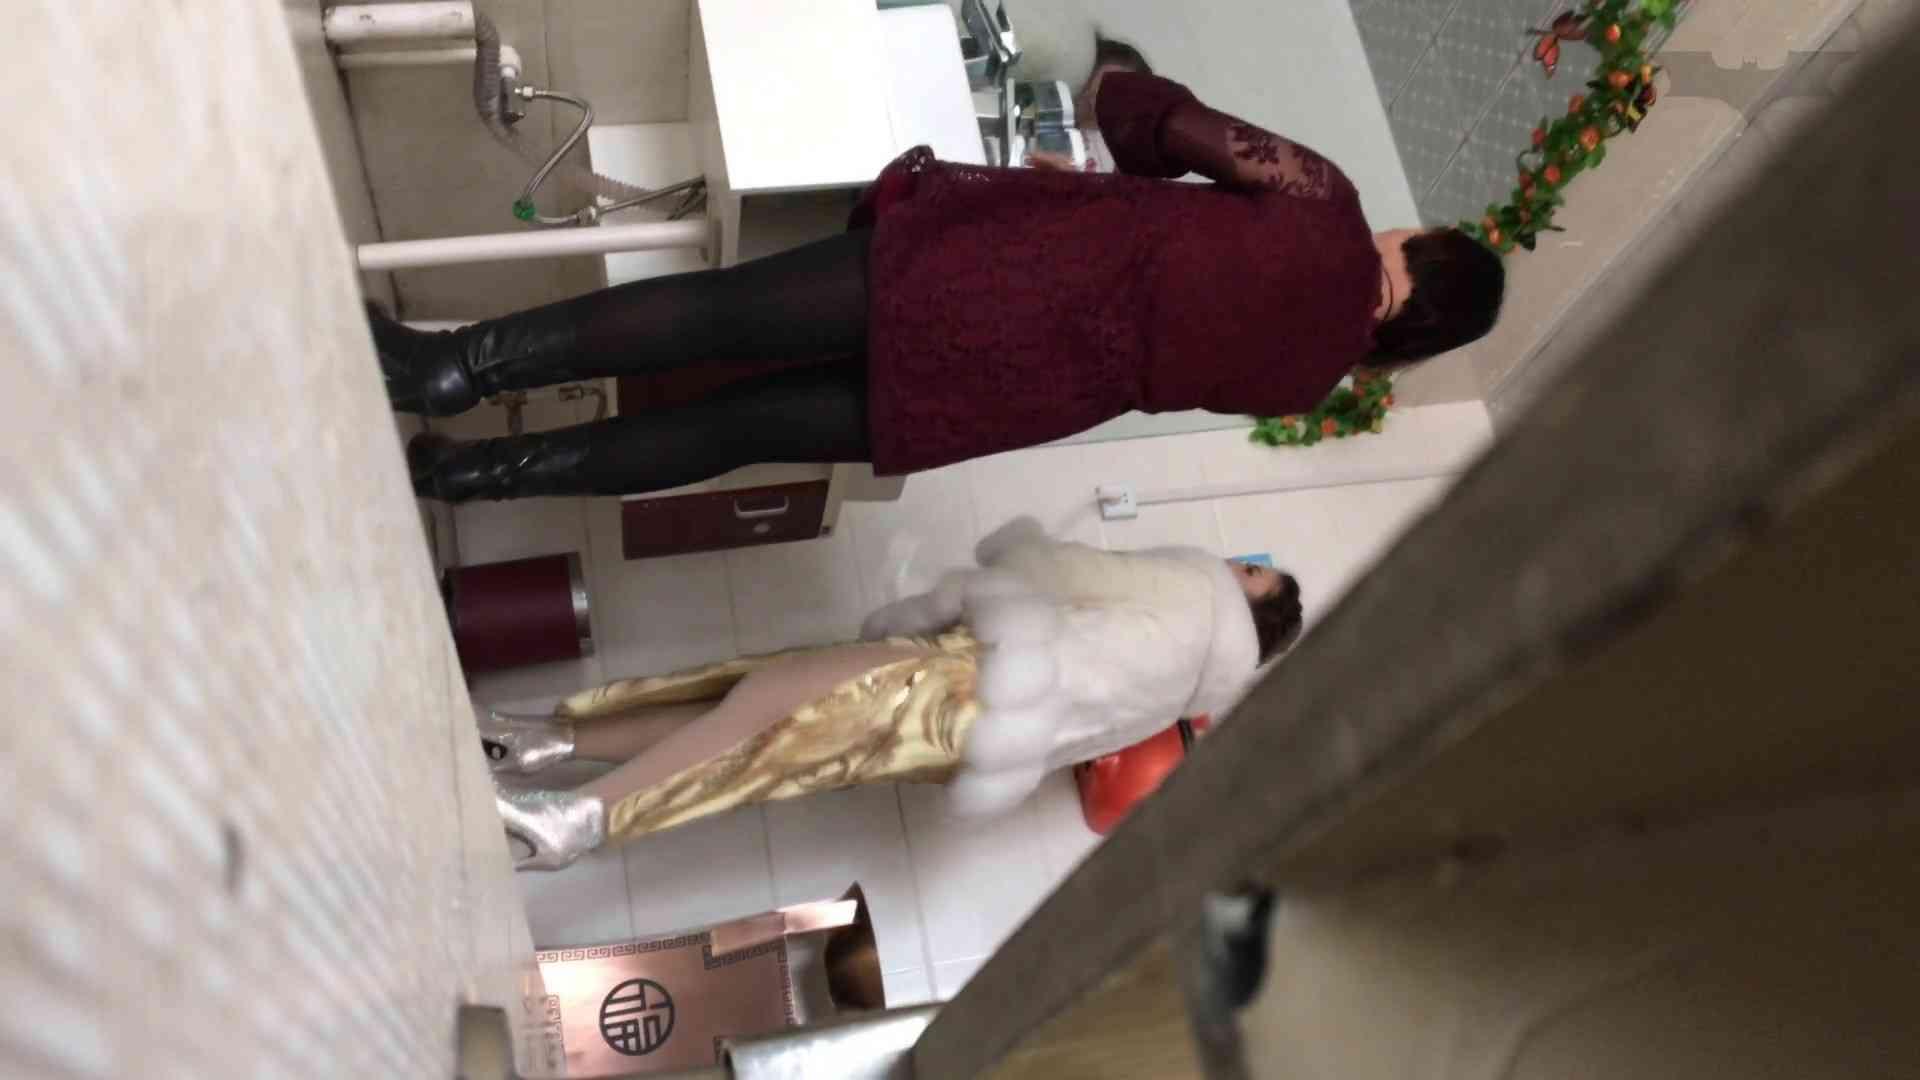 芸術大学ガチ潜入盗撮 JD盗撮 美女の洗面所の秘密 Vol.111 トイレの実態 おまんこ動画流出 49PIX 23